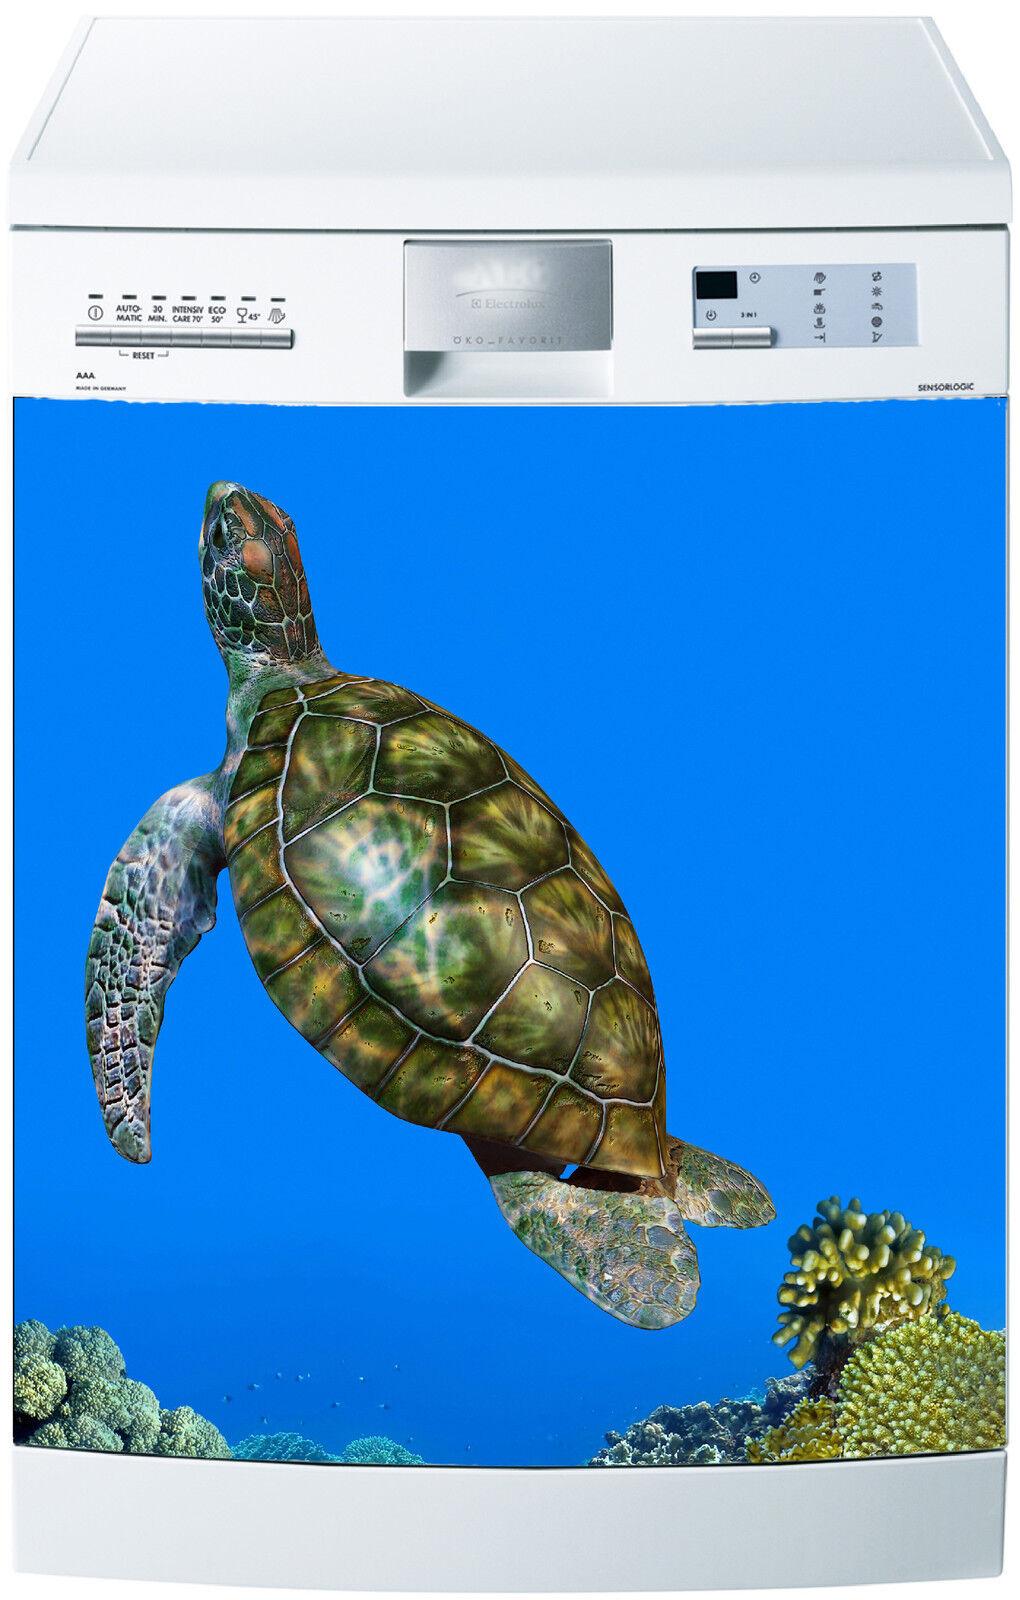 Adesivo Lavastoviglie Decocrazione Cucina Elettrodomestici Tartaruga Ref 561